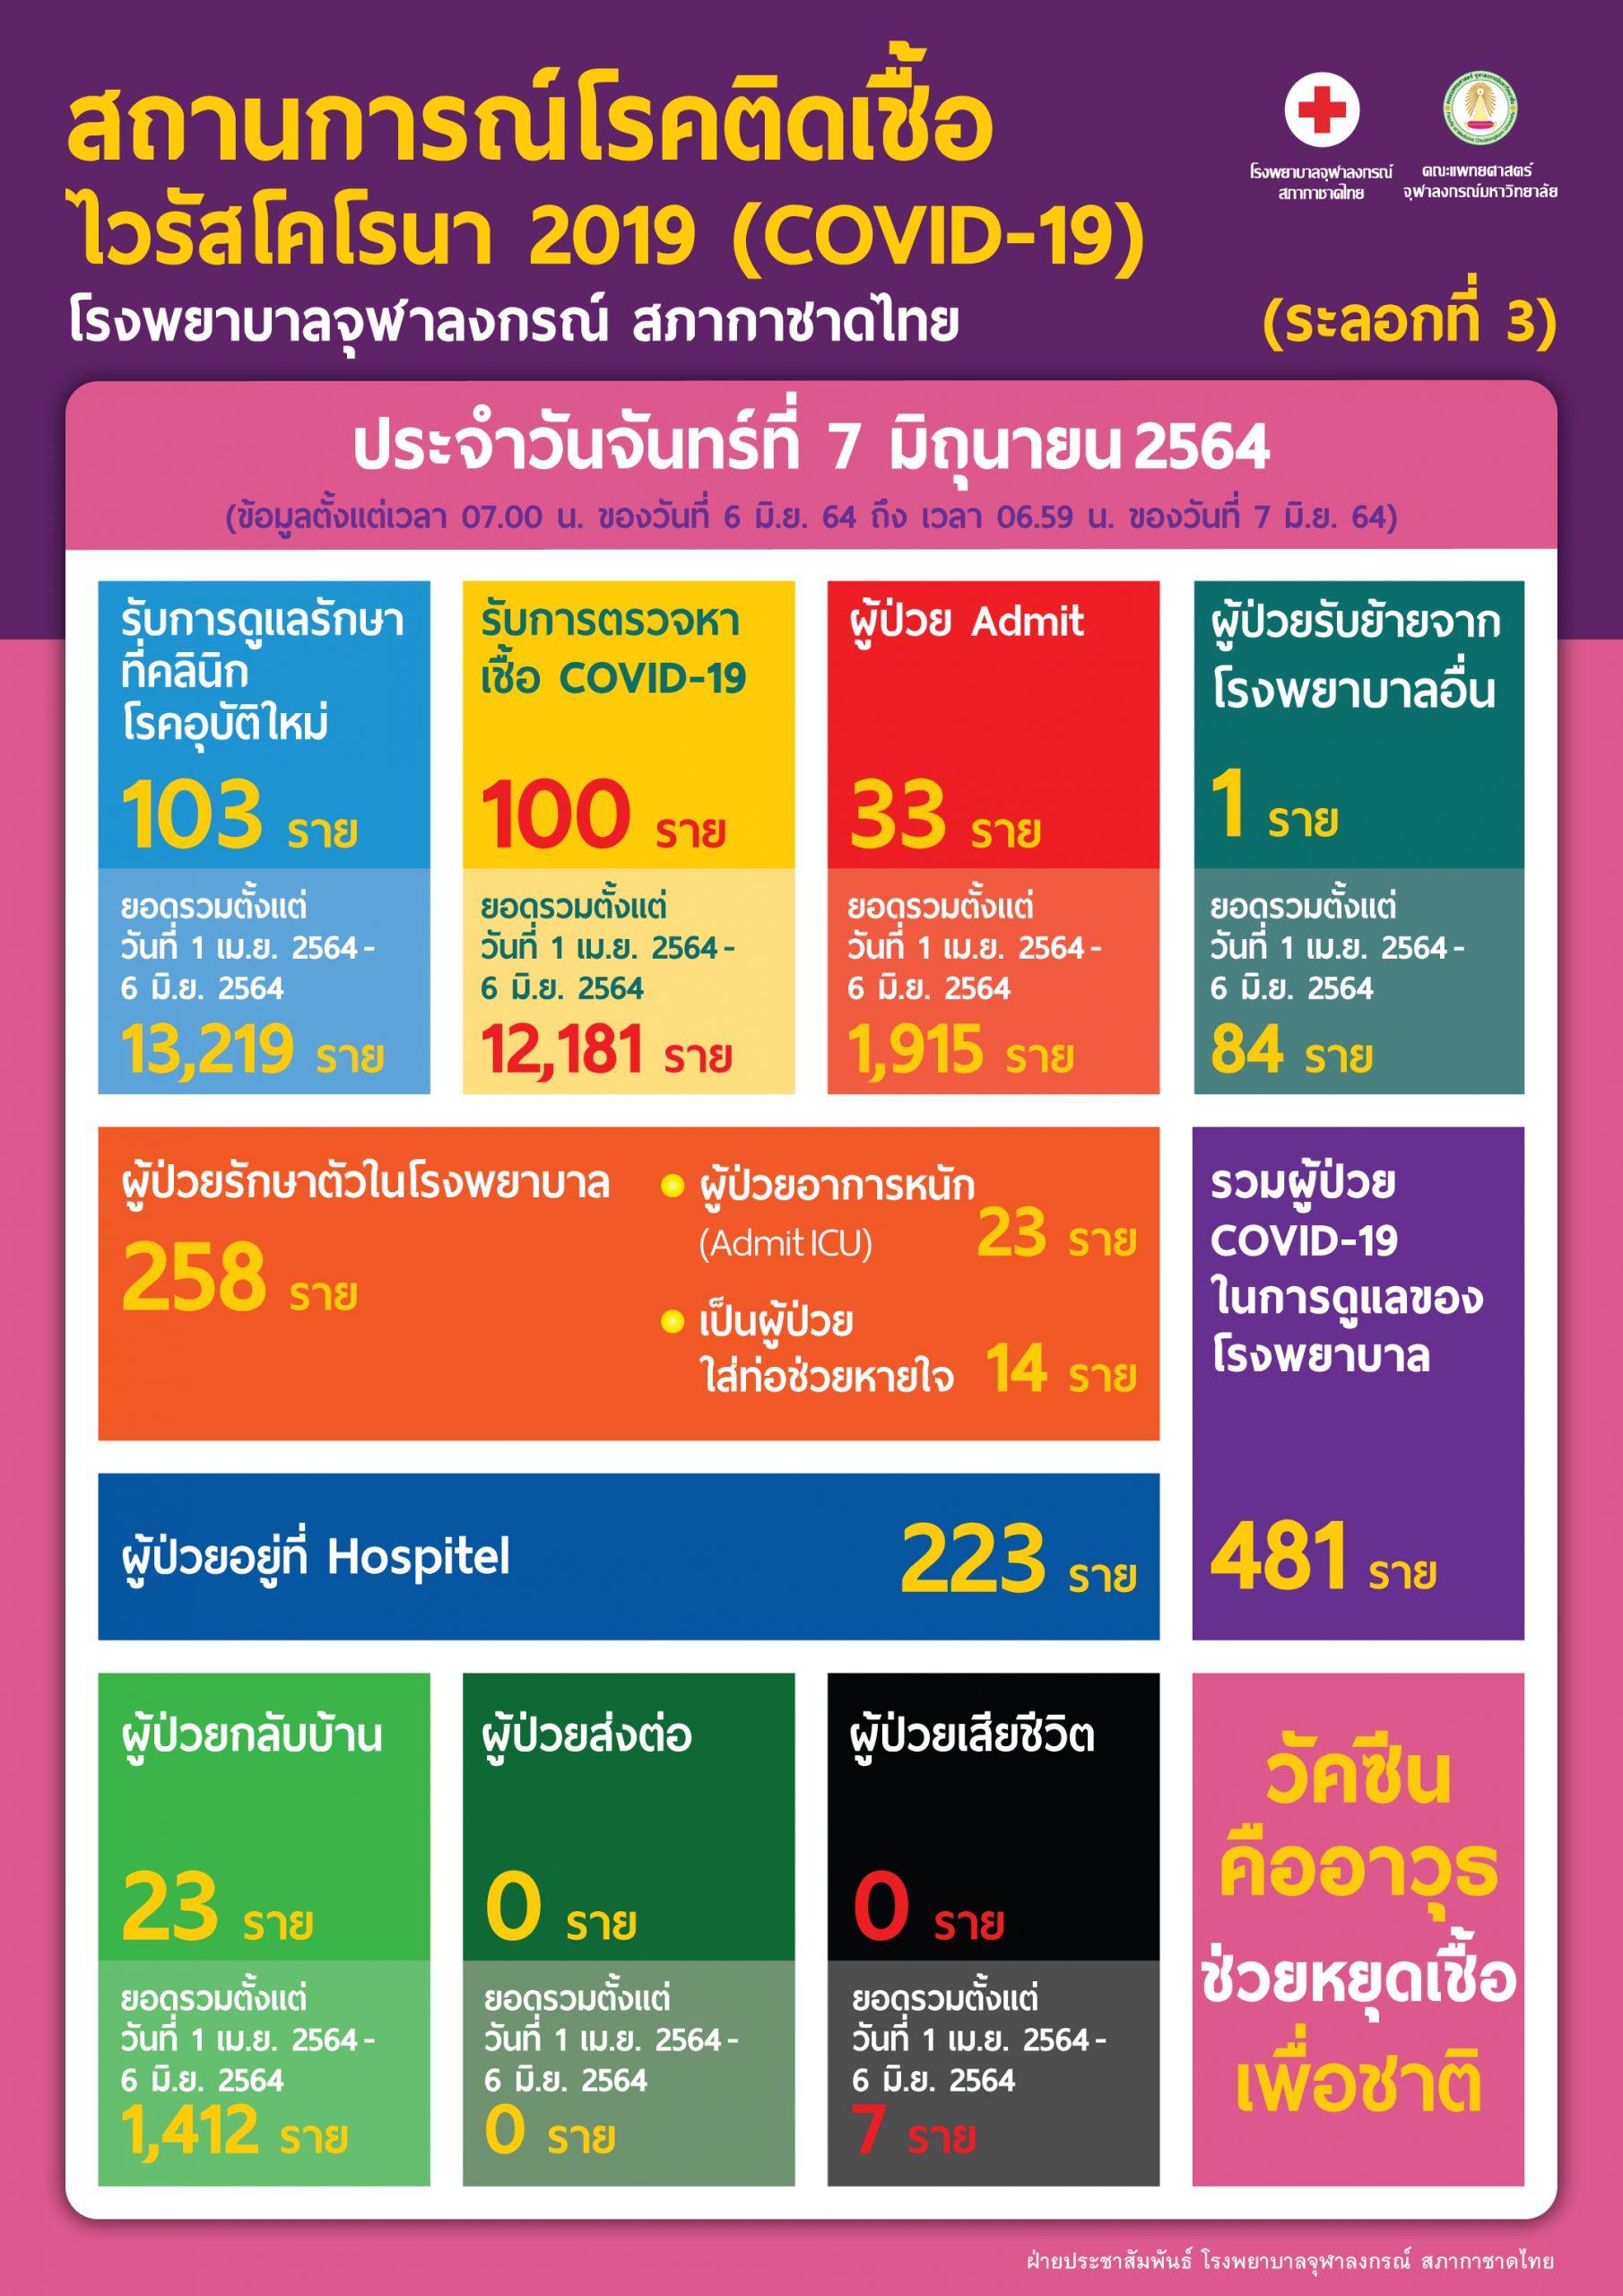 สถานการณ์โรคติดเชื้อ ไวรัสโคโรนา 2019 (COVID-19) (ระลอกที่ 3) โรงพยาบาลจุฬาลงกรณ์ สภากาชาดไทย ประจำวันจันทร์ที่ 7 มิถุนายน 2564